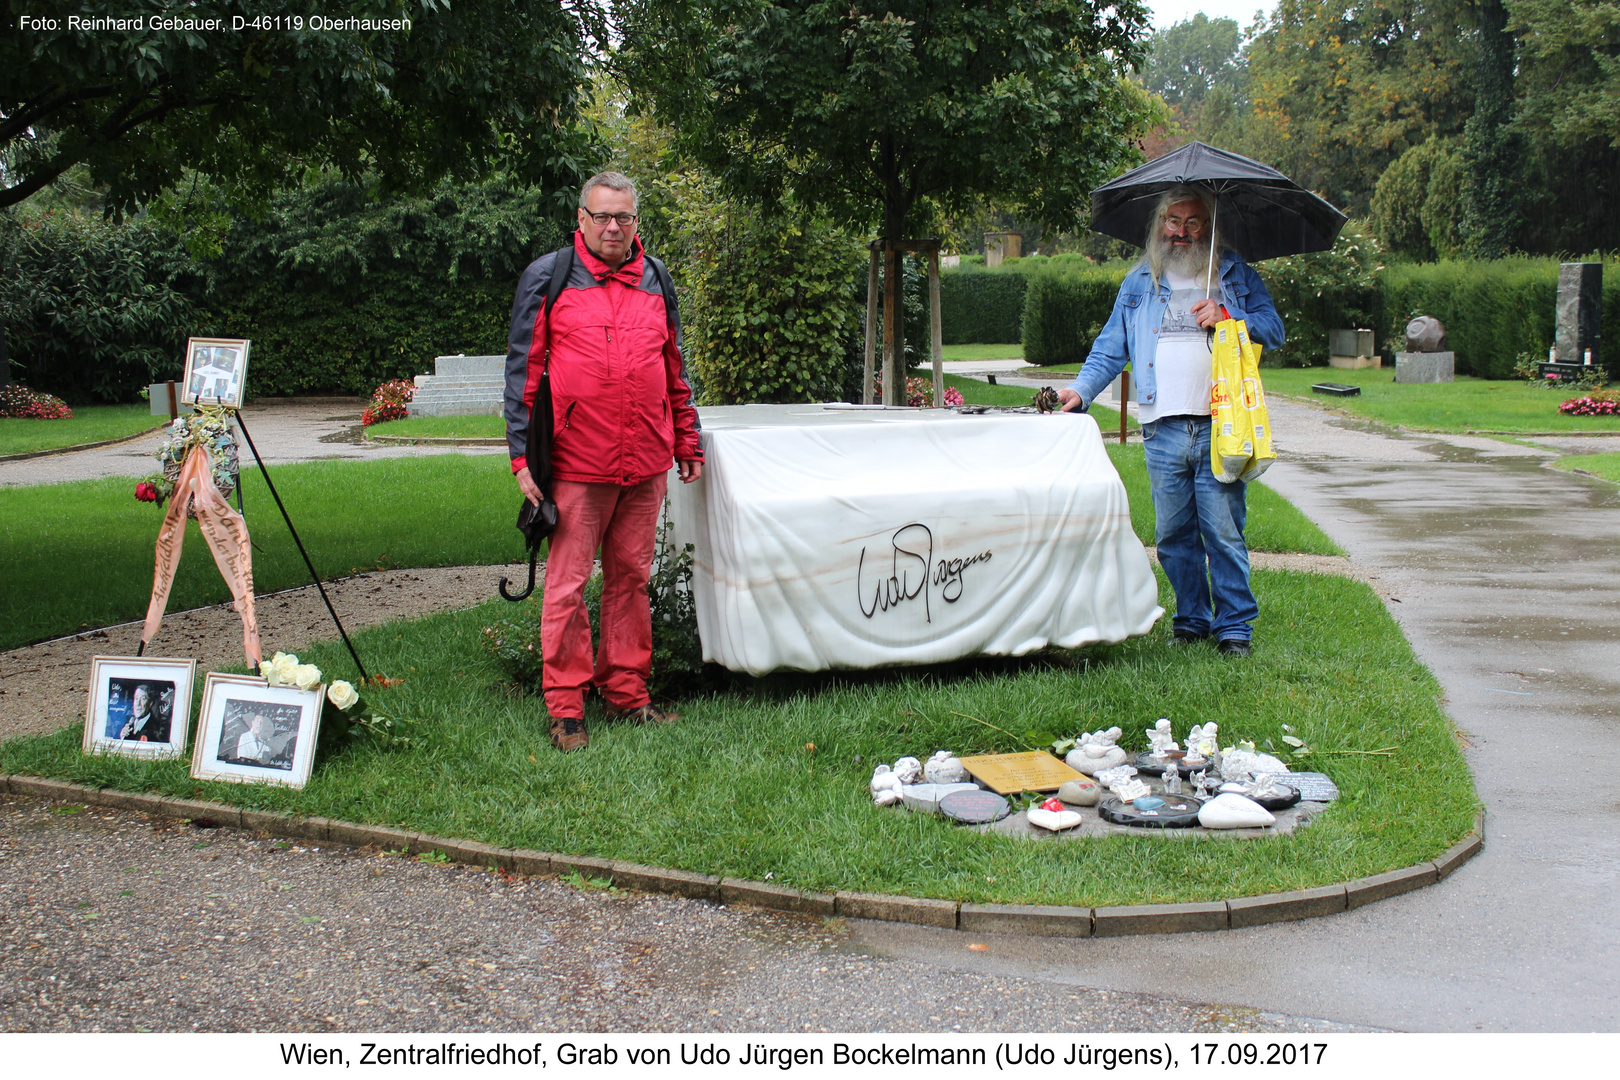 Wien, Zentralfriedhof, Grab von Udo Jürgen Bockelmann (Udo Jürgens), 17.09.2017